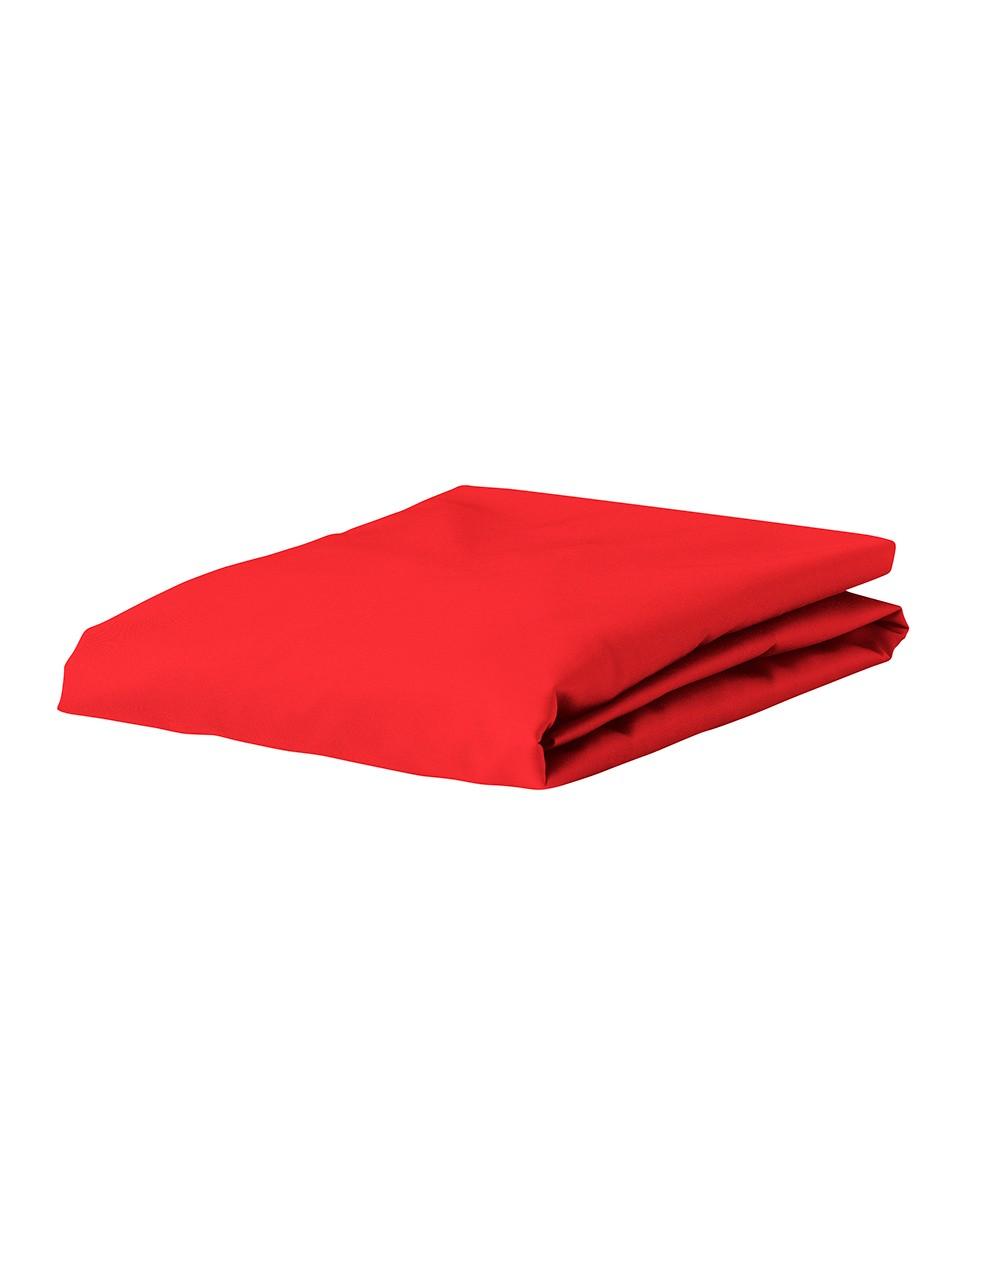 Cearceaf de pat cu elastic Essenza Mako Jersey 140 gr/m2 rosu imagine